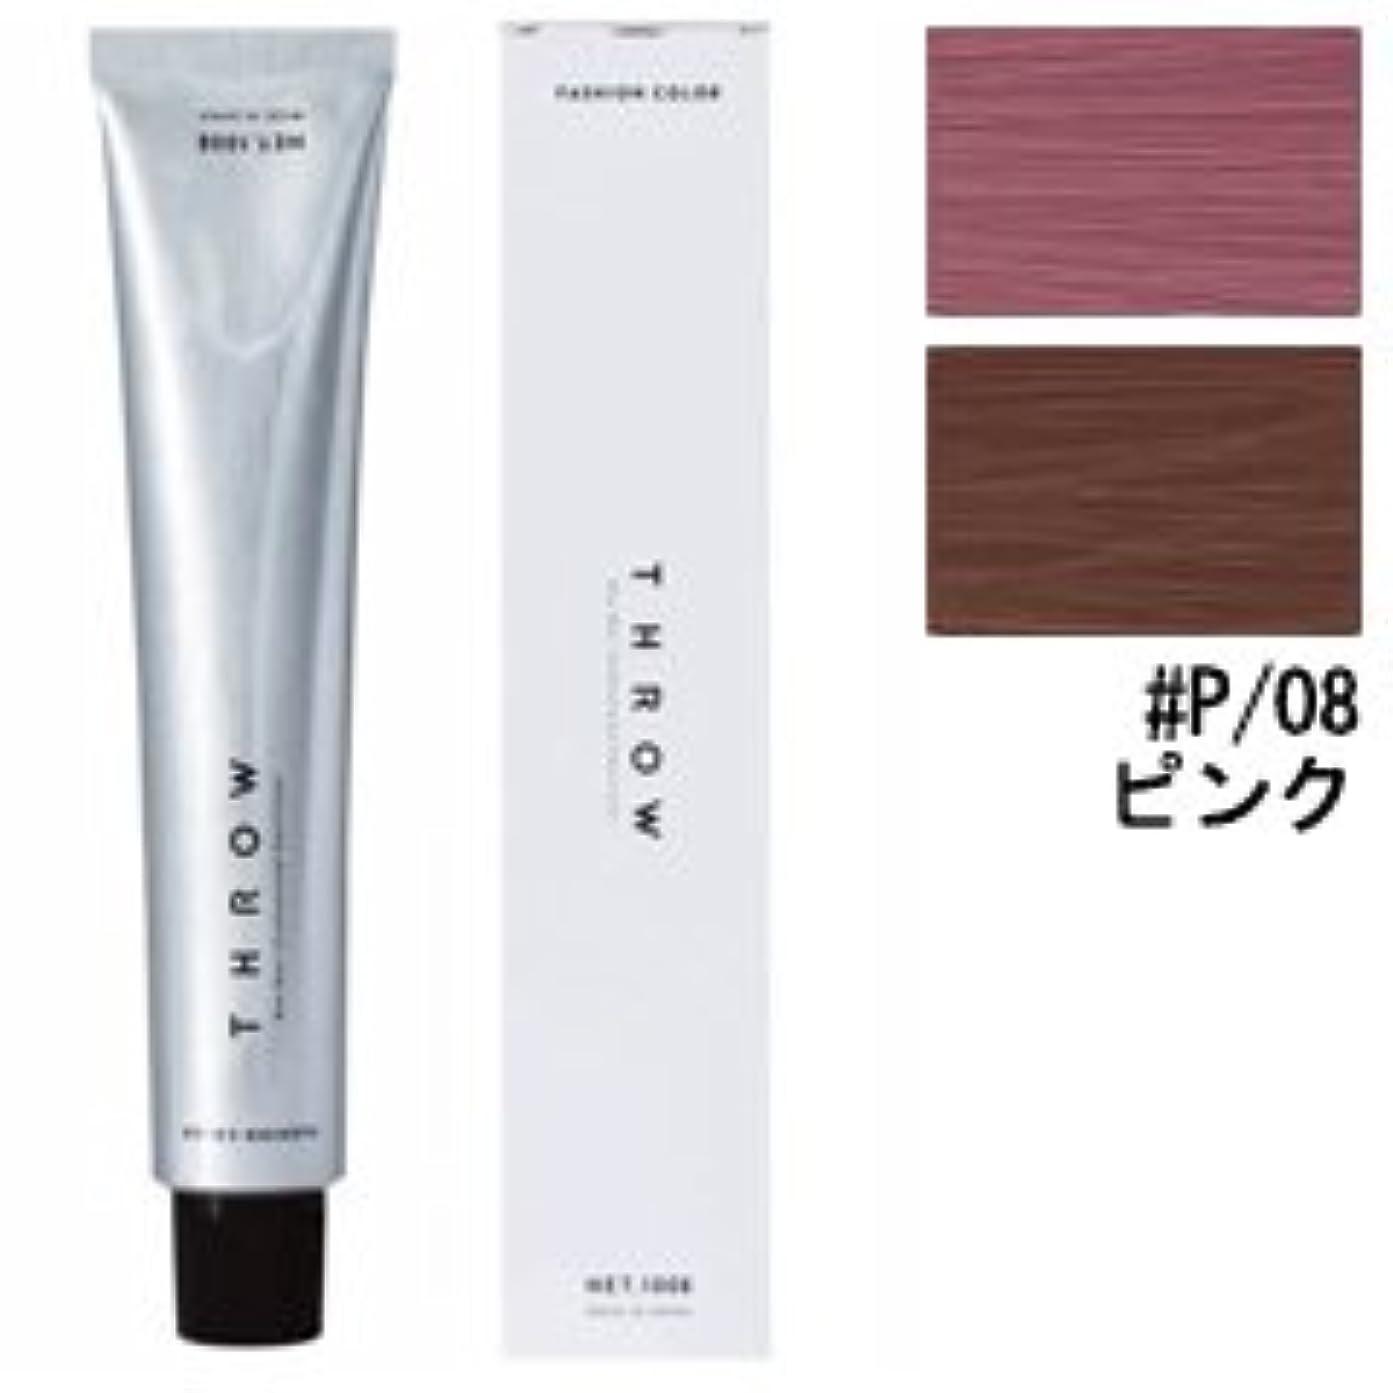 歩く休憩豚肉【モルトベーネ】スロウ ファッションカラー #P/08 ピンク 100g